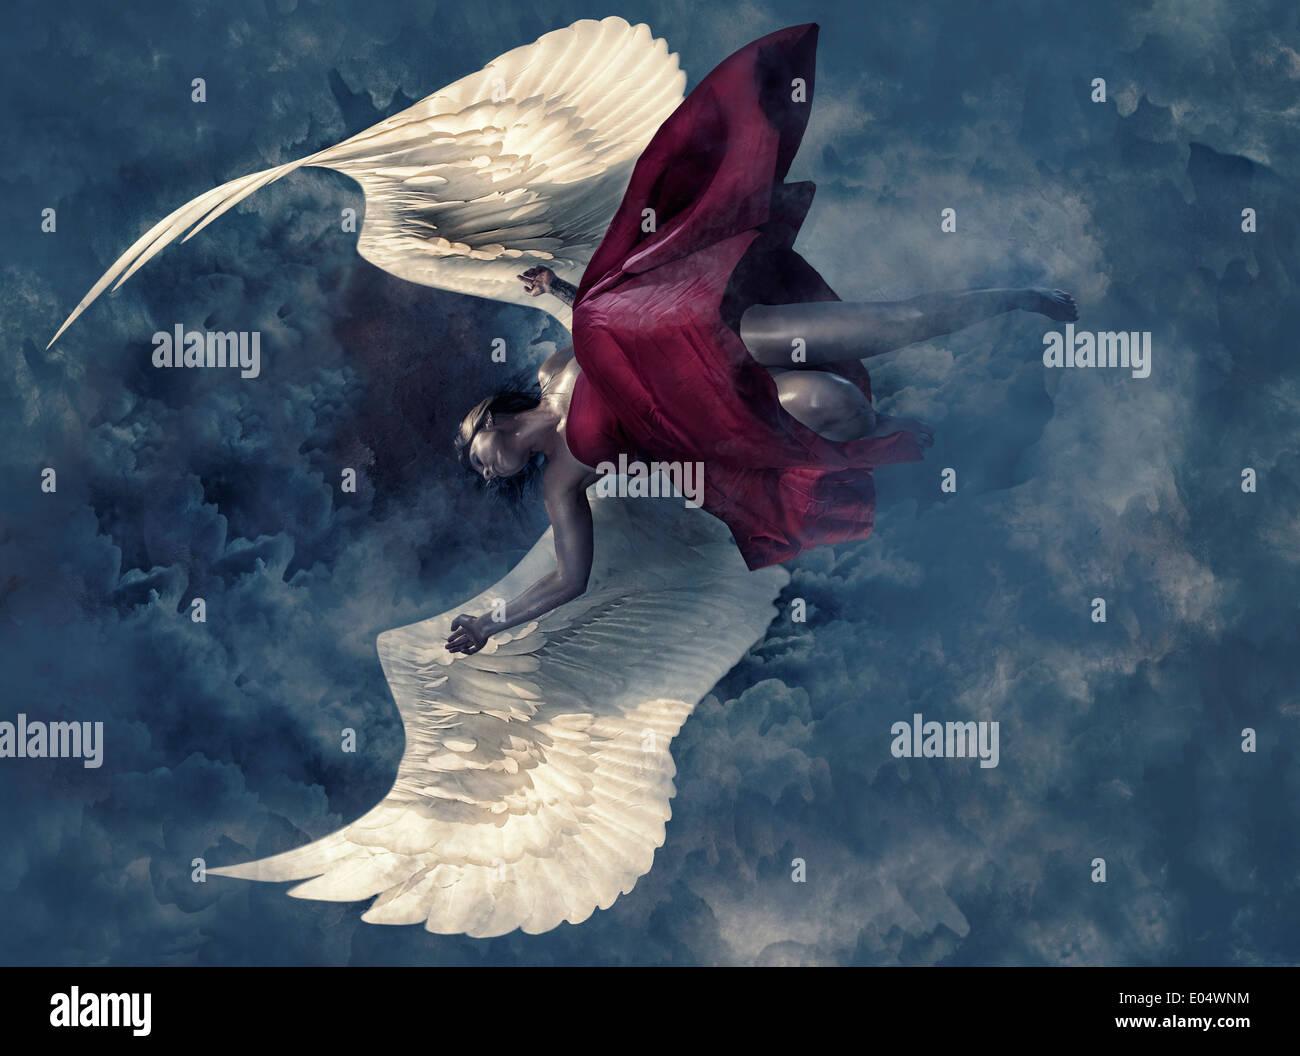 Frau mit Engelsflügeln durch den Himmel zu fallen Stockbild